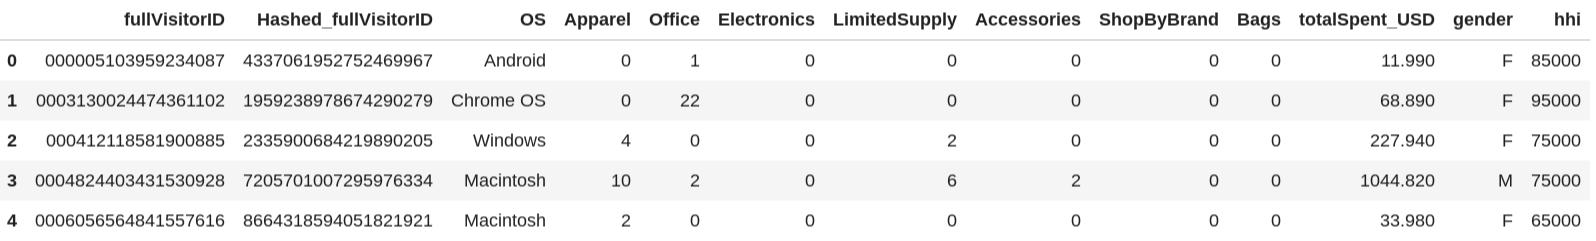 結合された顧客データとトランザクション データの最初の 5 行。